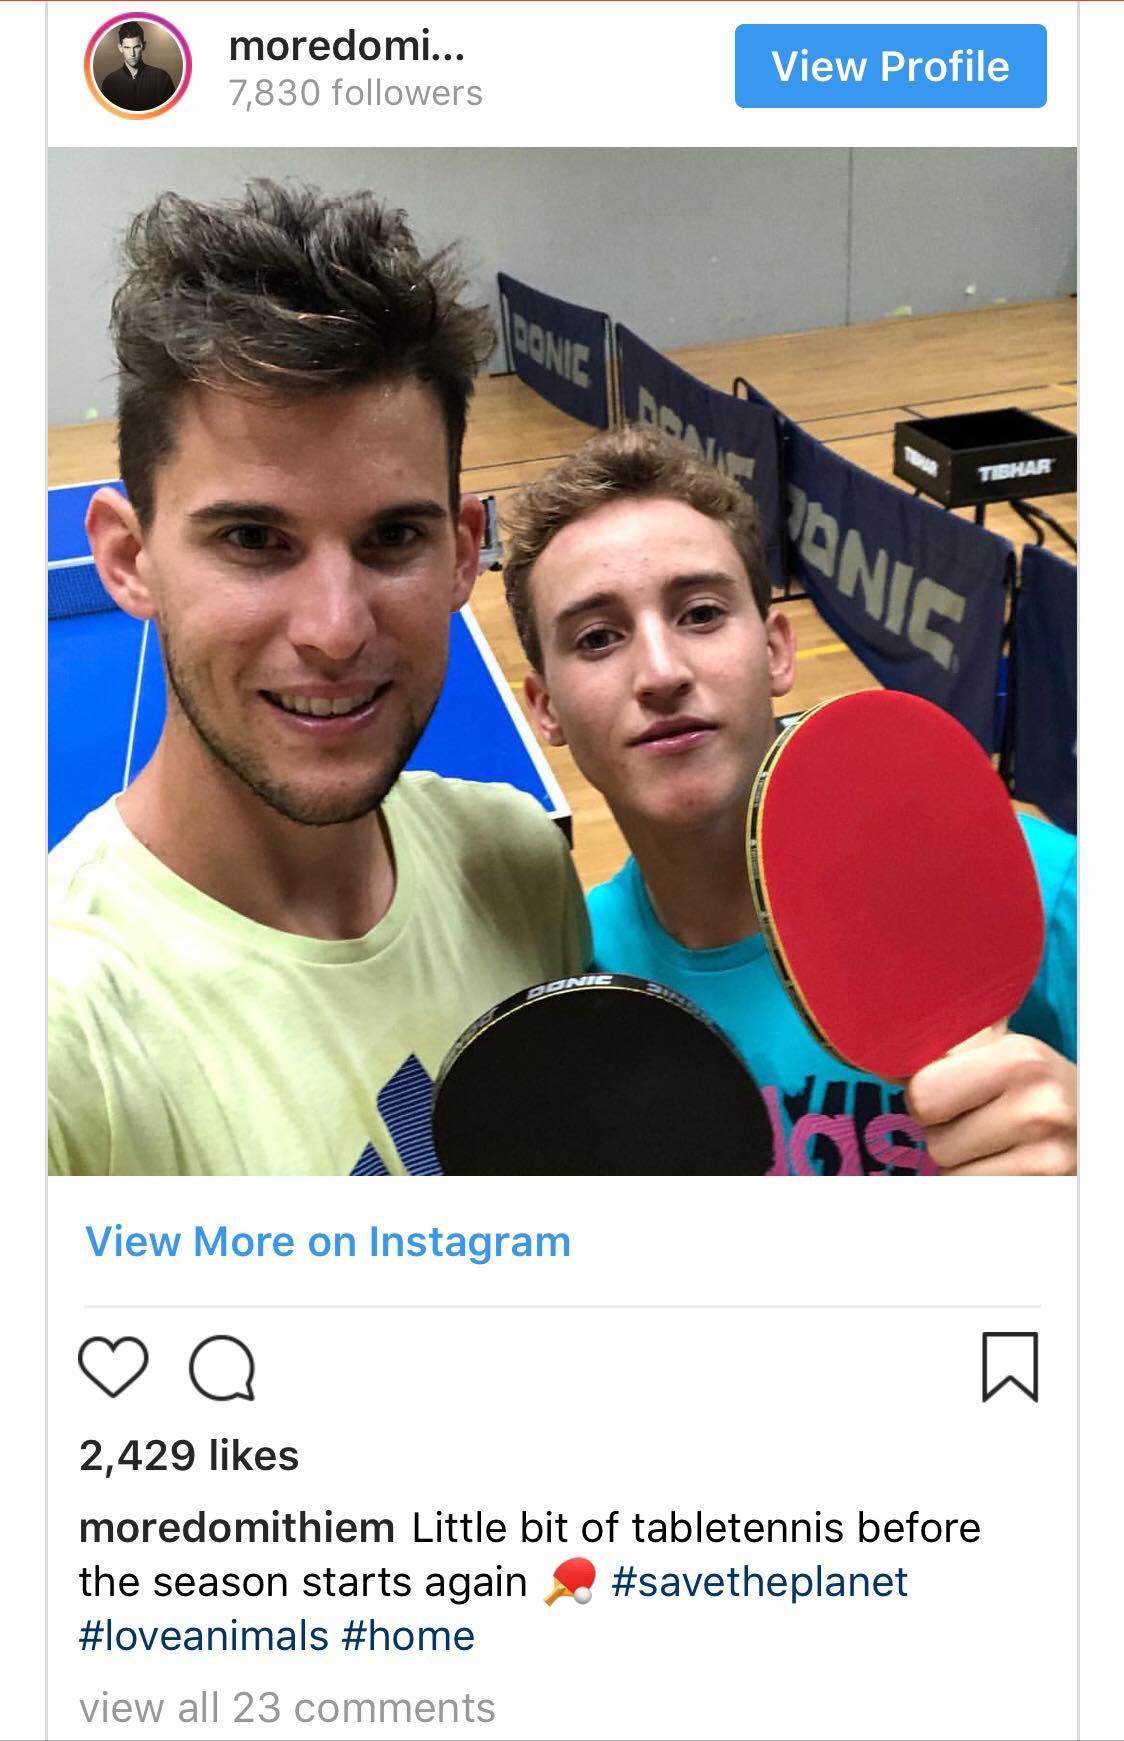 Các ngôi sao tennis tập luyện kiểu gì khi mùa giải kết thúc?